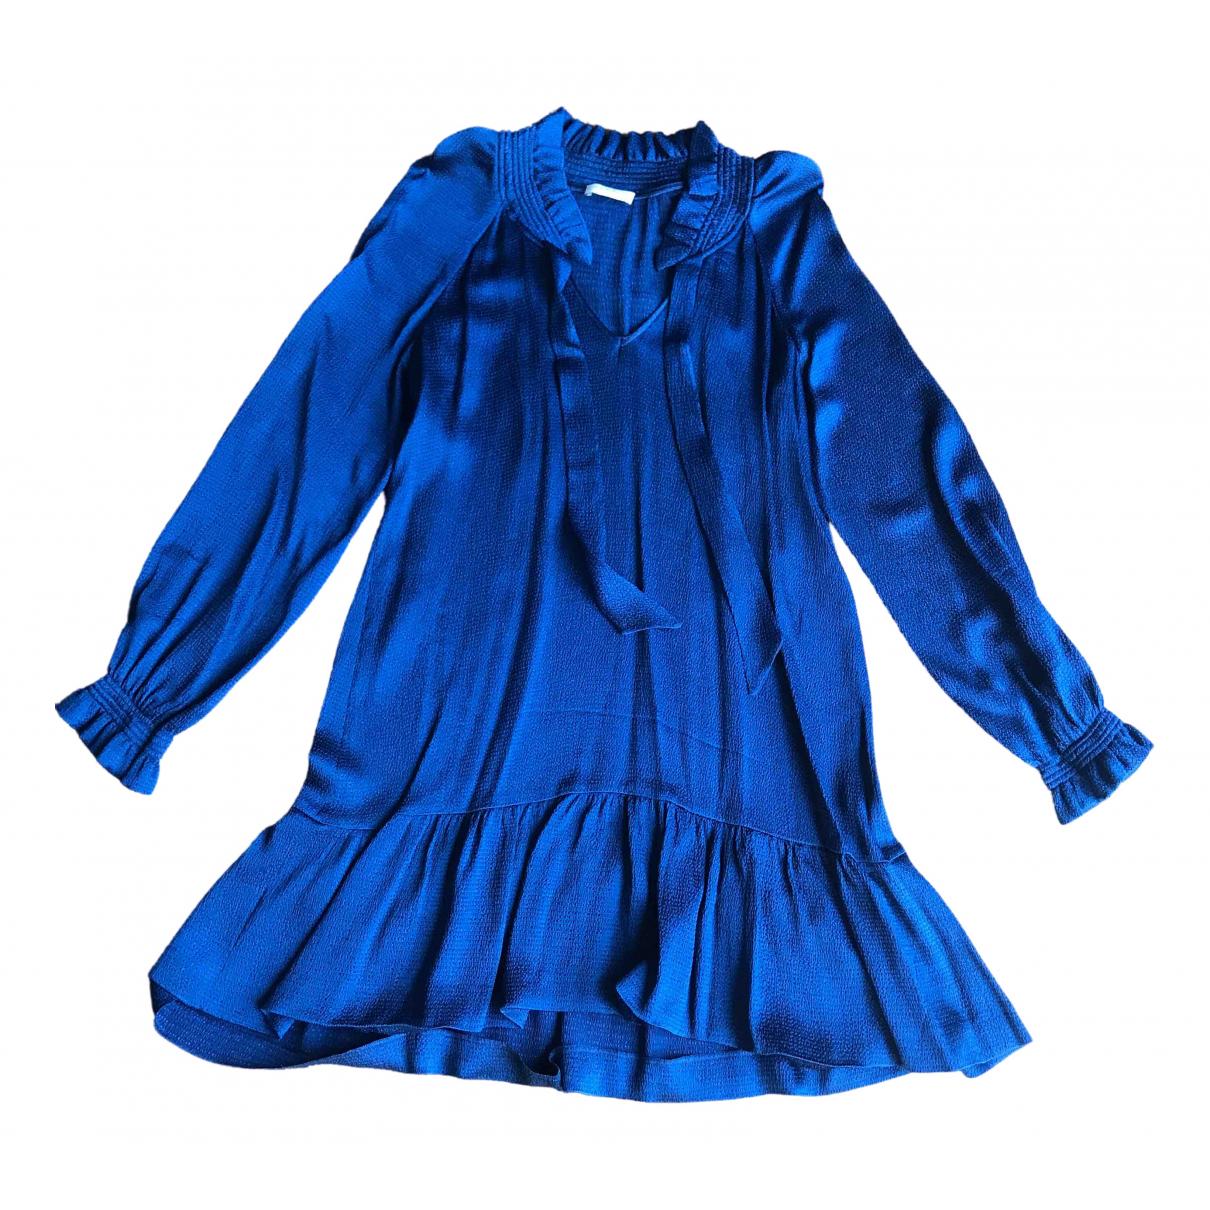 Sandro \N Blue dress for Women 36 FR